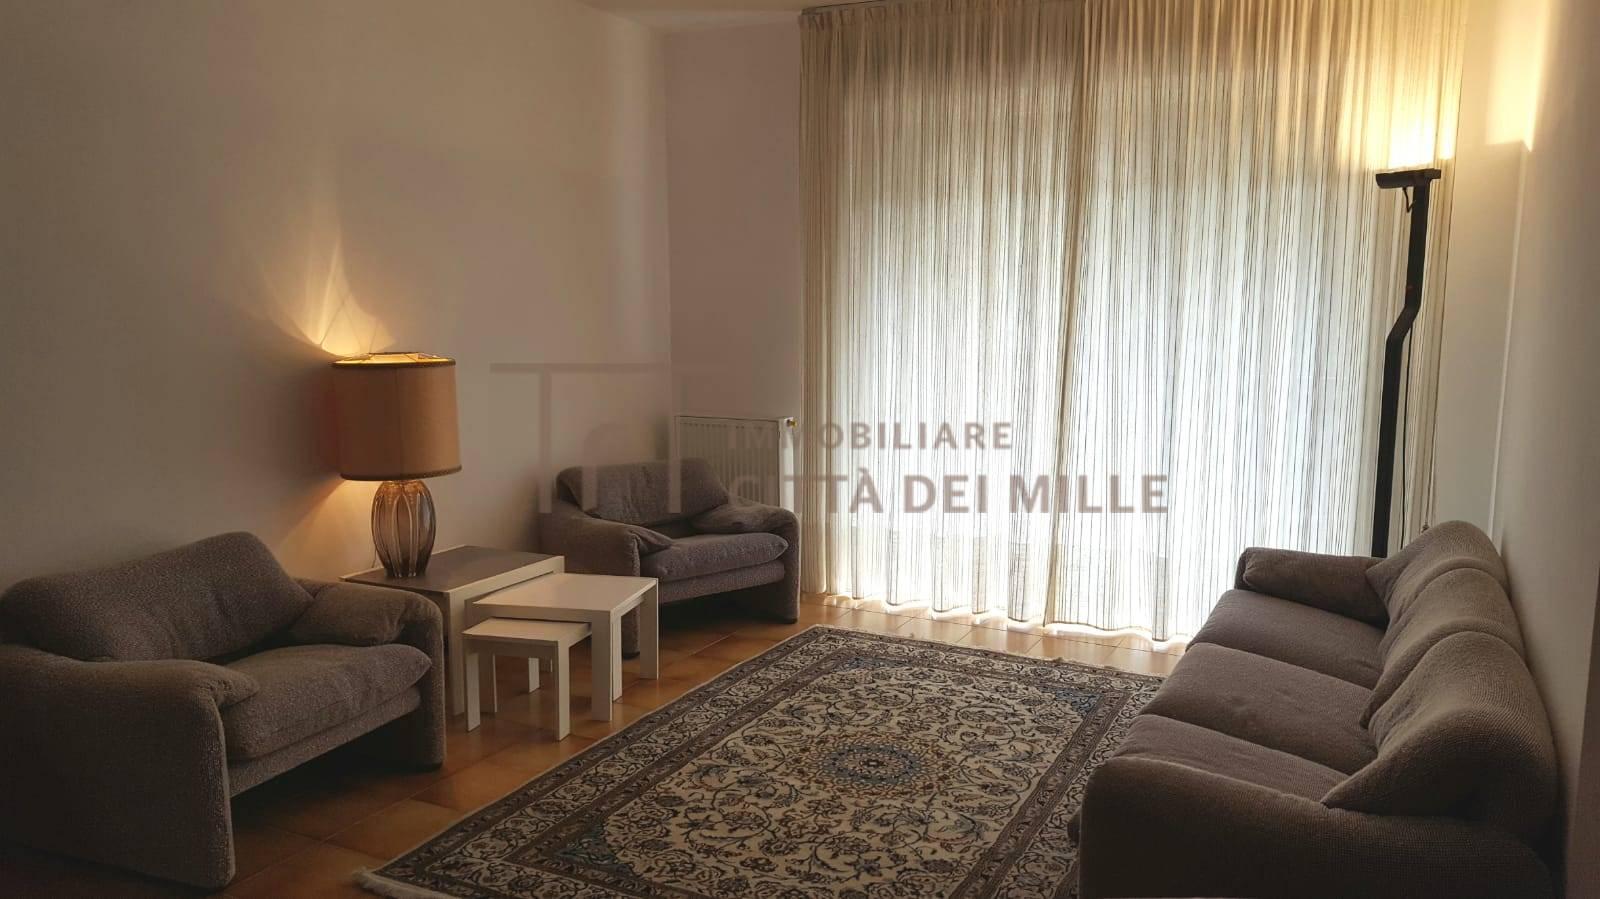 Appartamento in affitto a Gorle, 3 locali, zona Località: Centro, prezzo € 1.100 | PortaleAgenzieImmobiliari.it